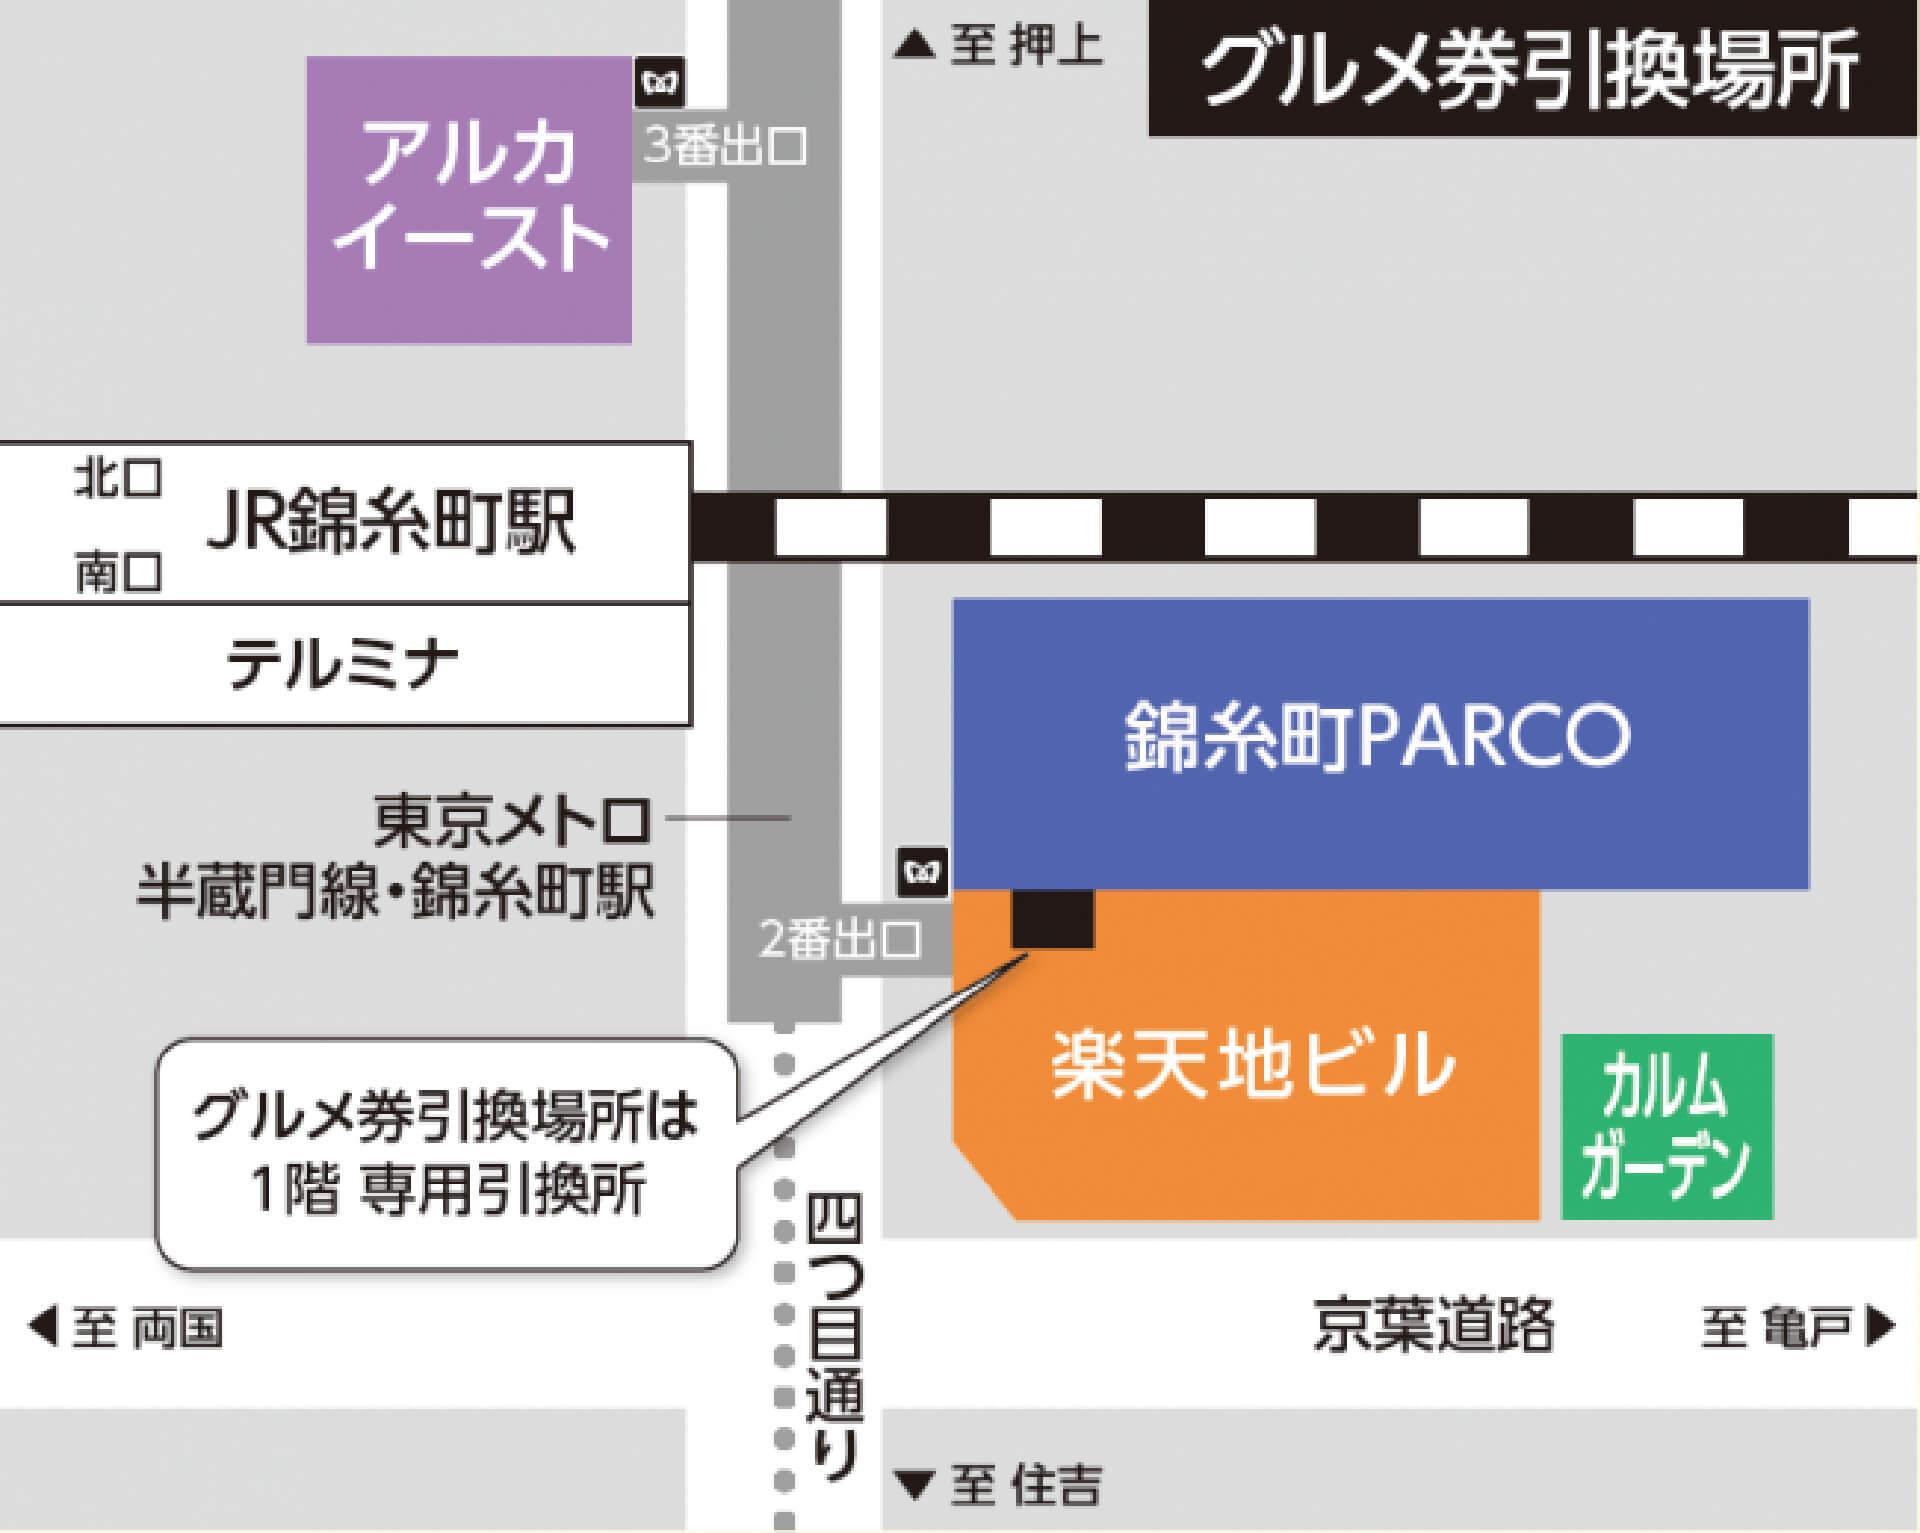 グルメ3スタンプラリー開催店舗マップ